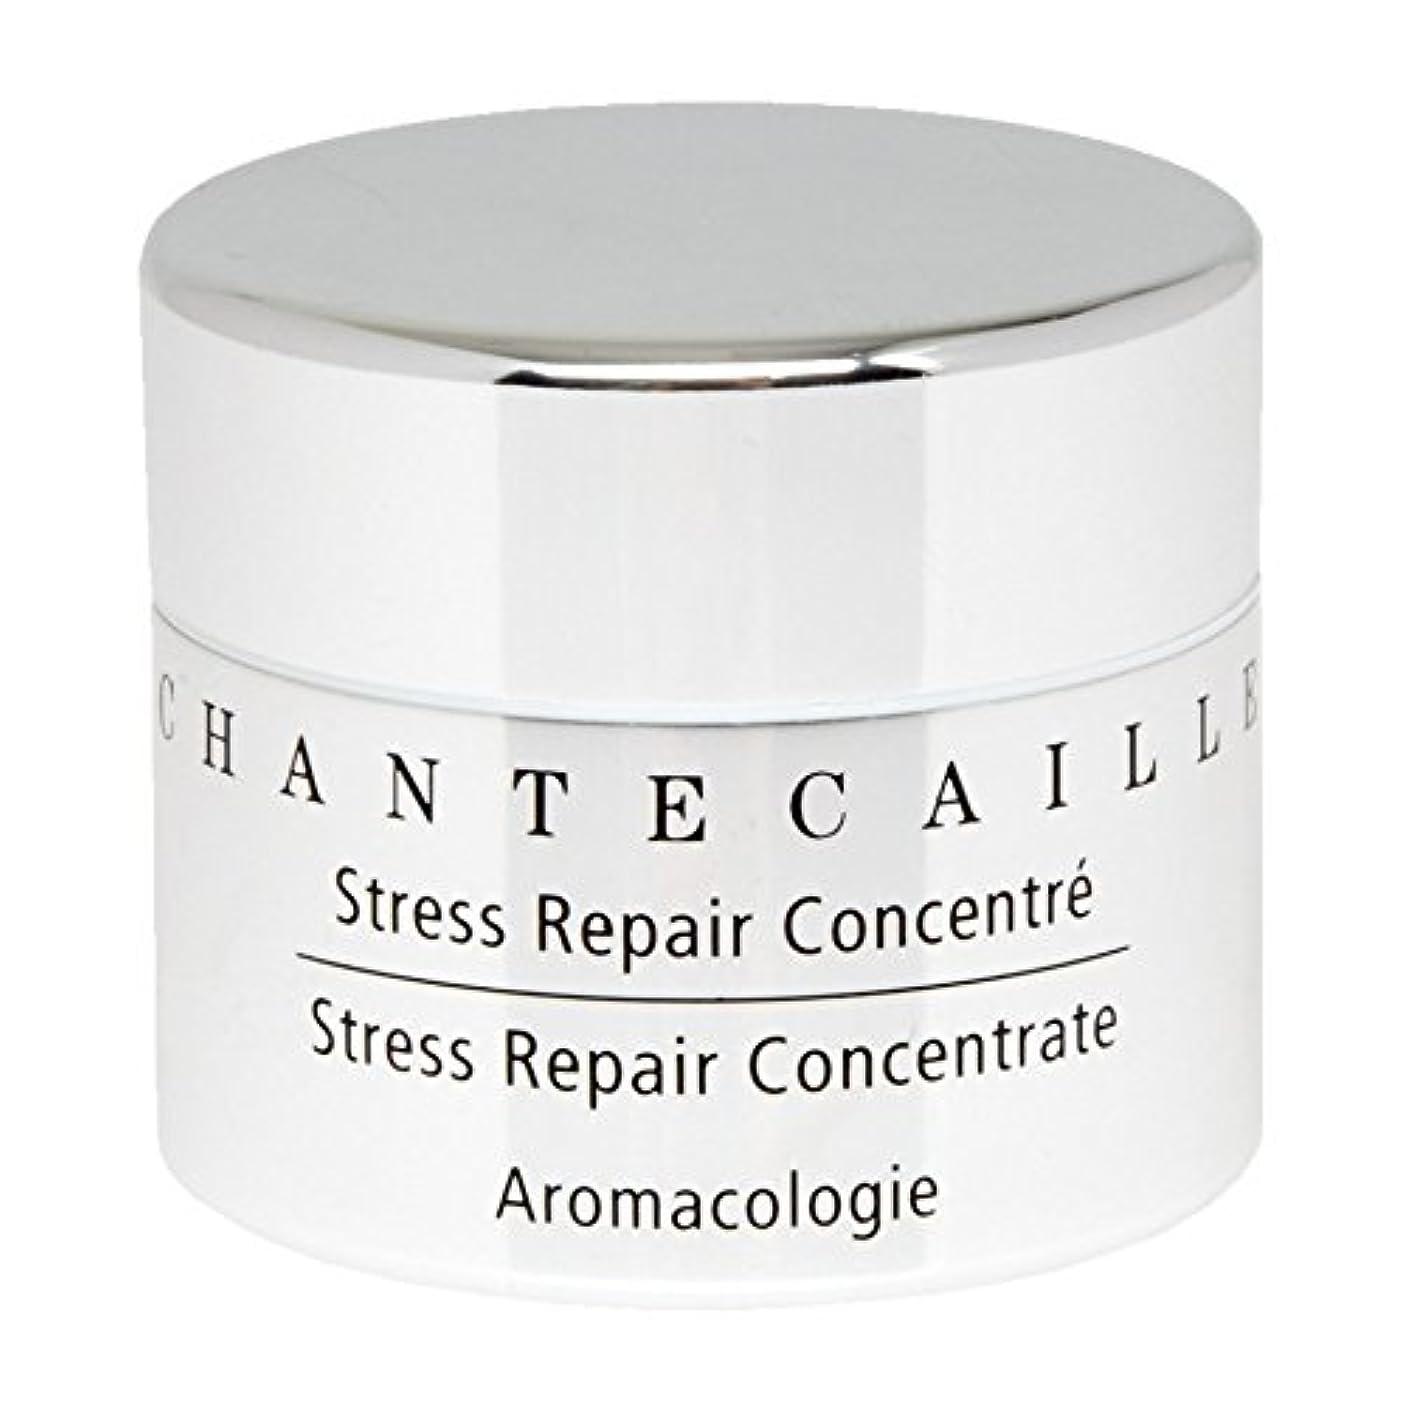 改修削除する後退するシャンテカイユストレス修復濃縮15ミリリットル x2 - Chantecaille Stress Repair Concentrate 15ml (Pack of 2) [並行輸入品]